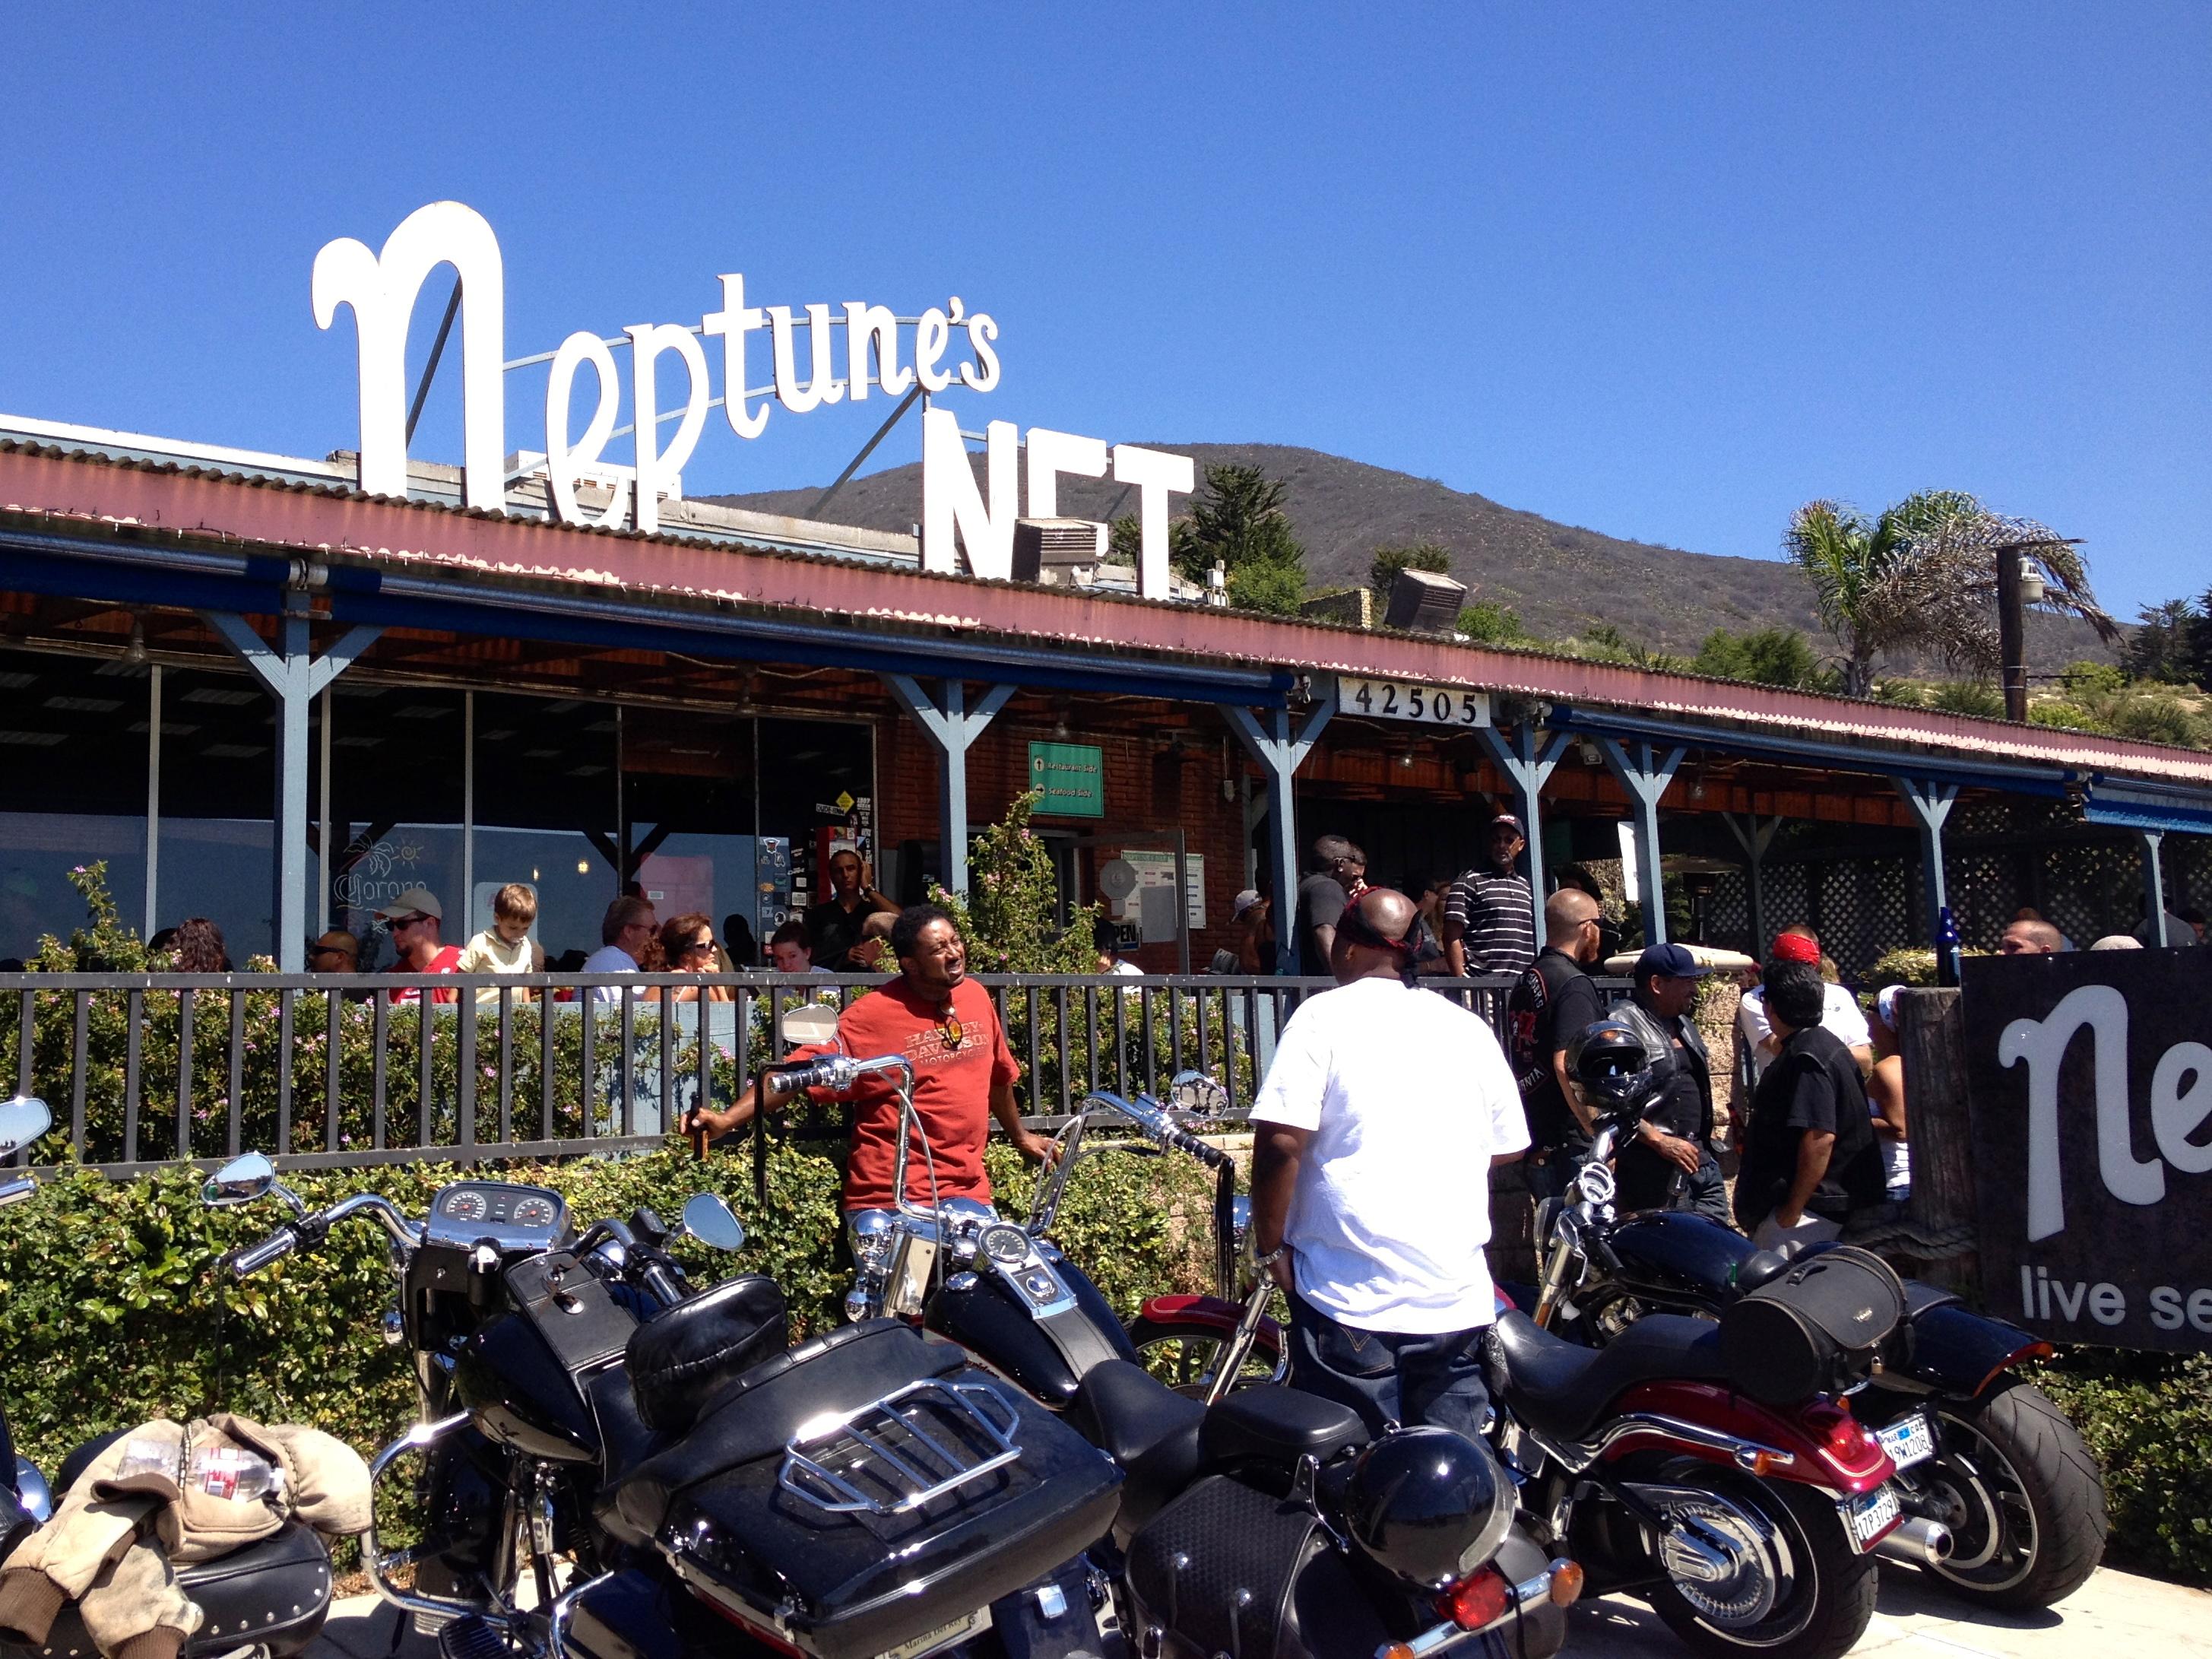 Neptune's Net